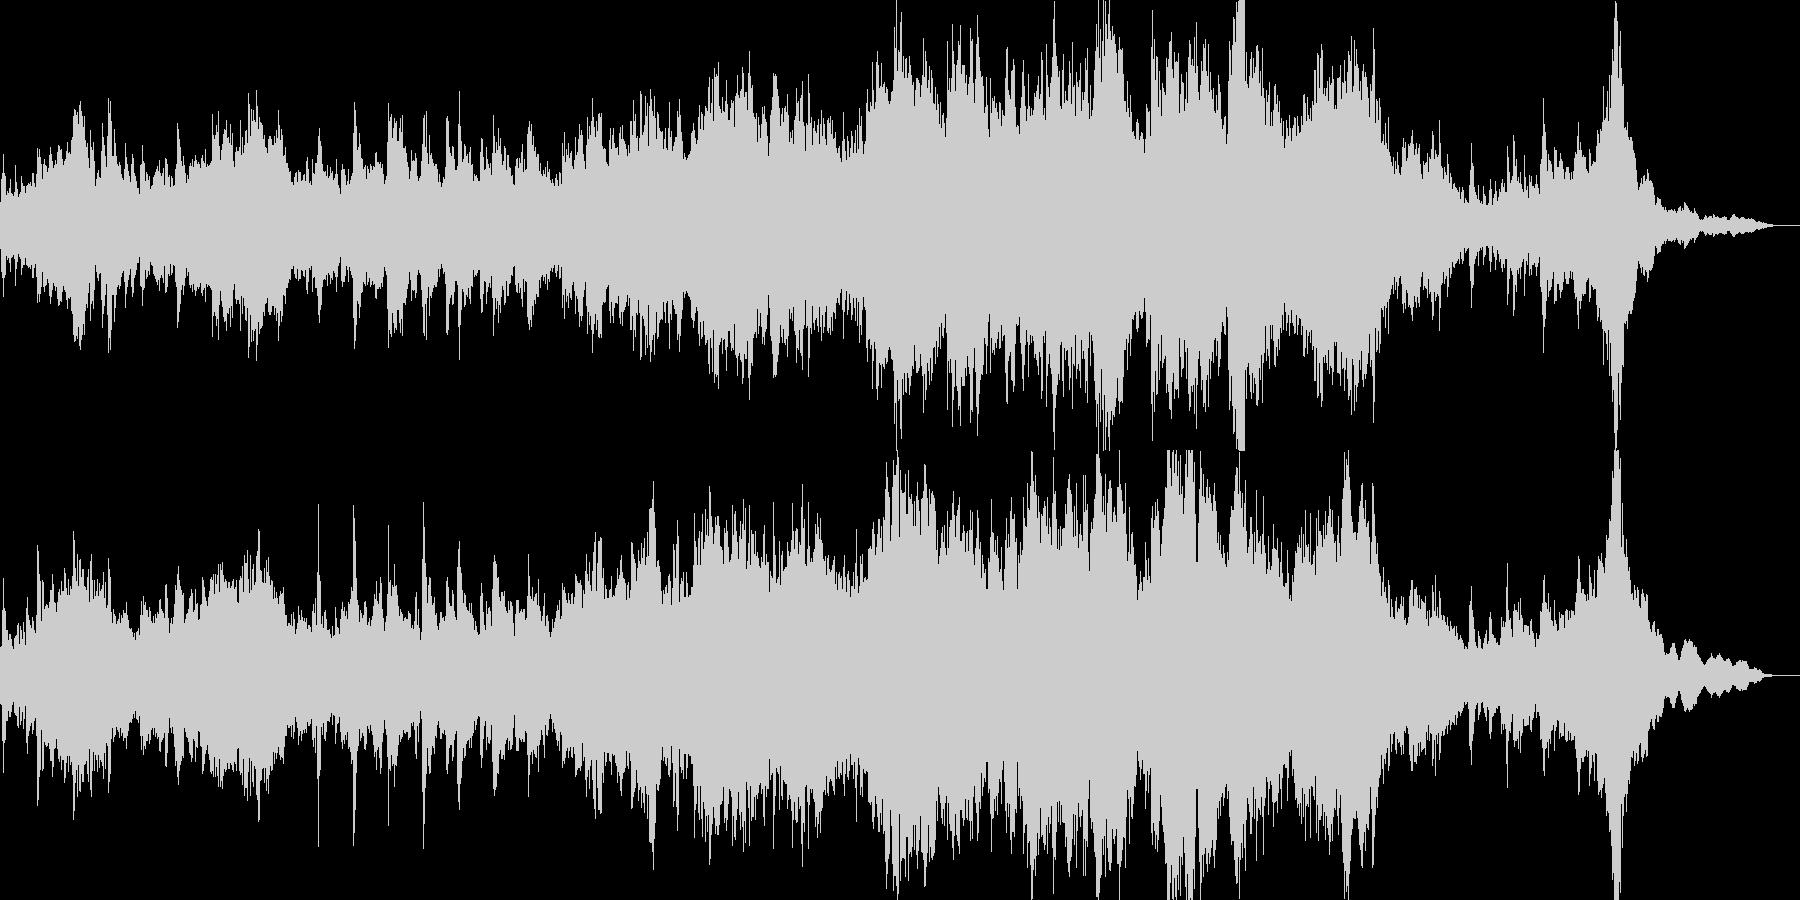 和風なピアノとストリングスのBGMの未再生の波形